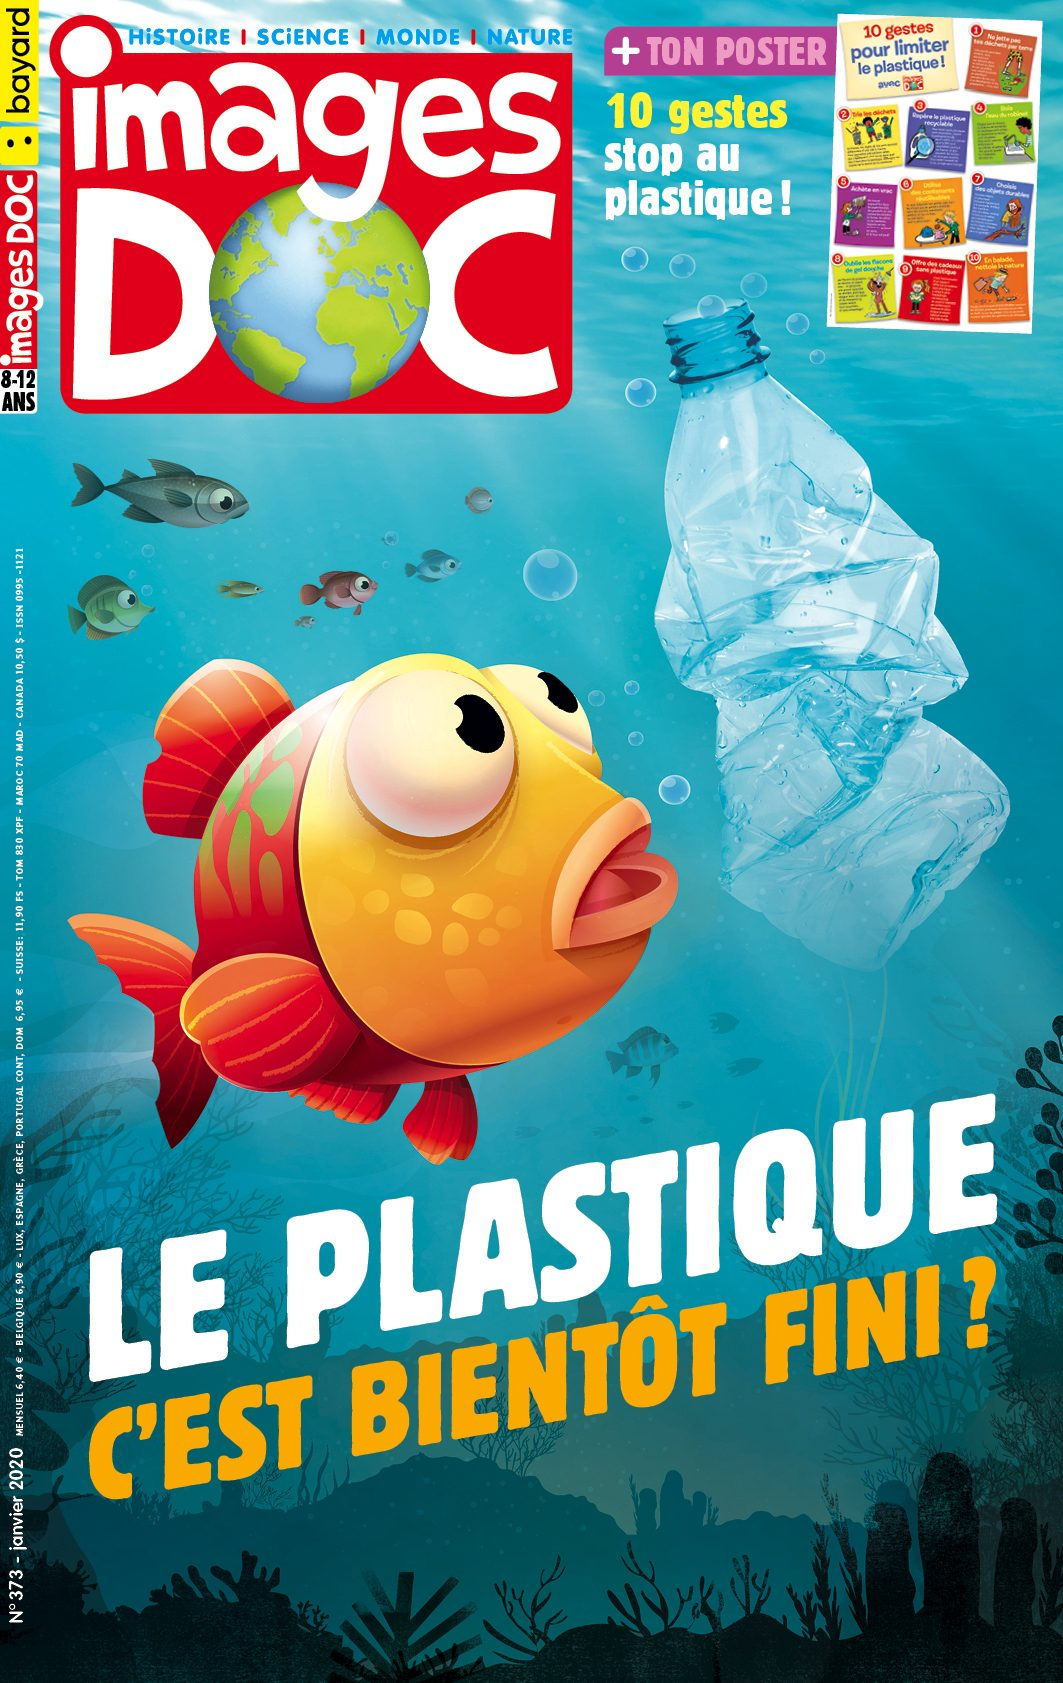 Couverture du magazine Images Doc n°373, janvier 2020Illustration Nicolas Francescon - Le plastique, c'est bientôt fini ?